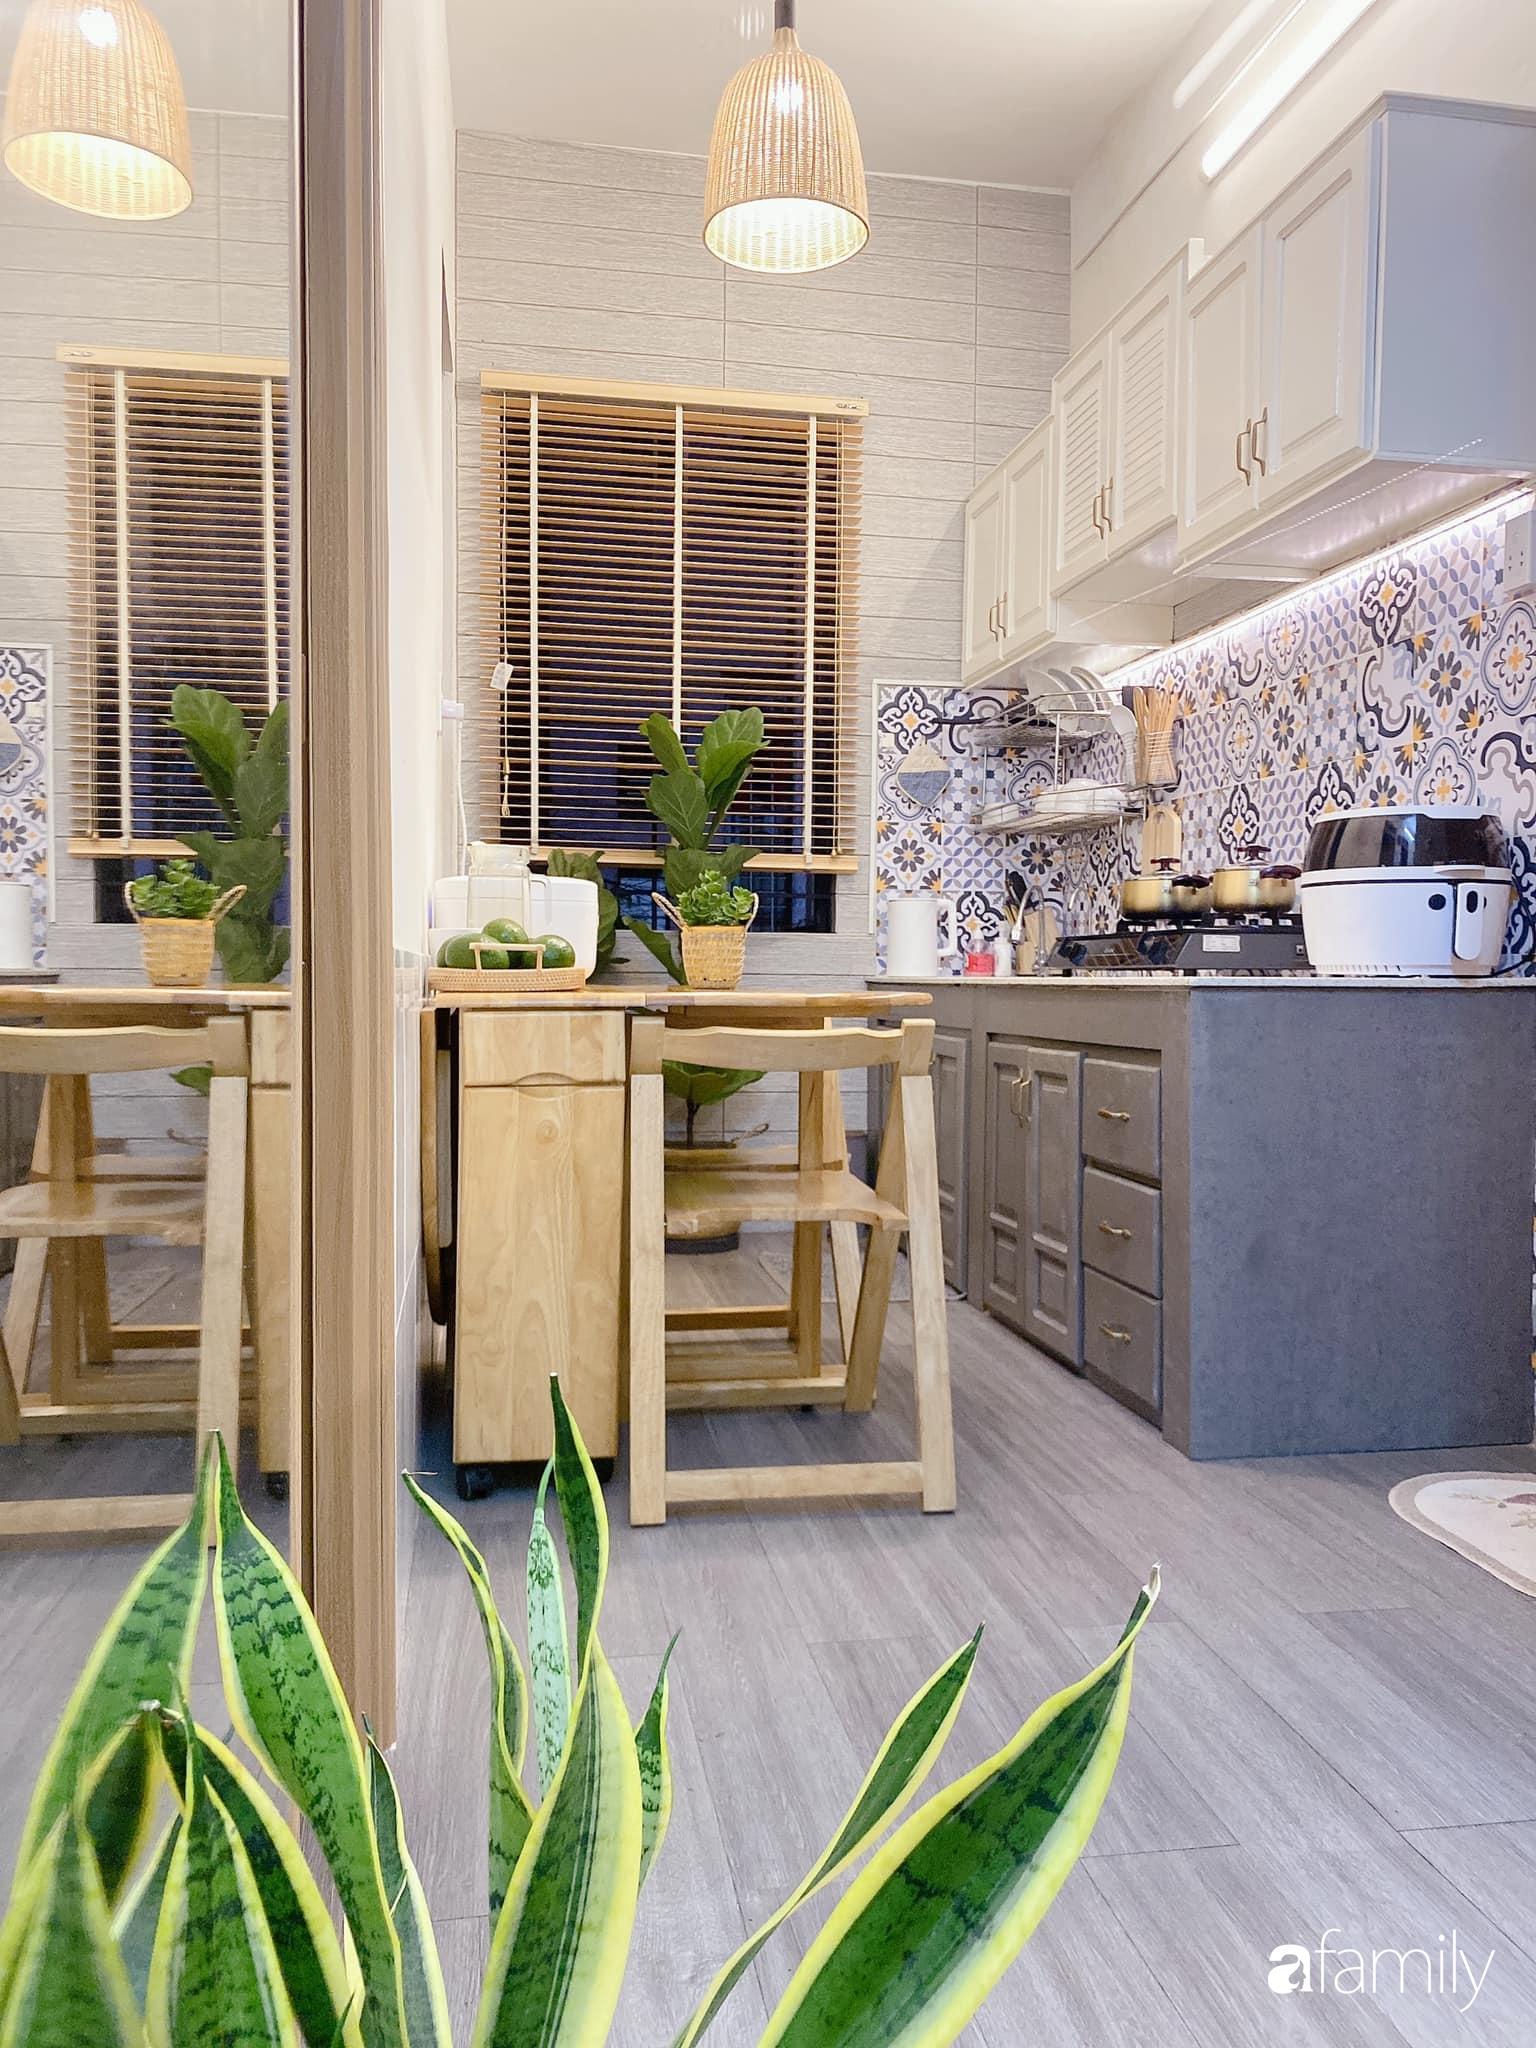 """Anh chồng chiều vợ """"thay áo mới"""" cho căn bếp cũ 6m² trở thành không gian đẹp miễn chê với chi phí chưa đến 3 triệu đồng ở Đà Nẵng - Ảnh 9."""